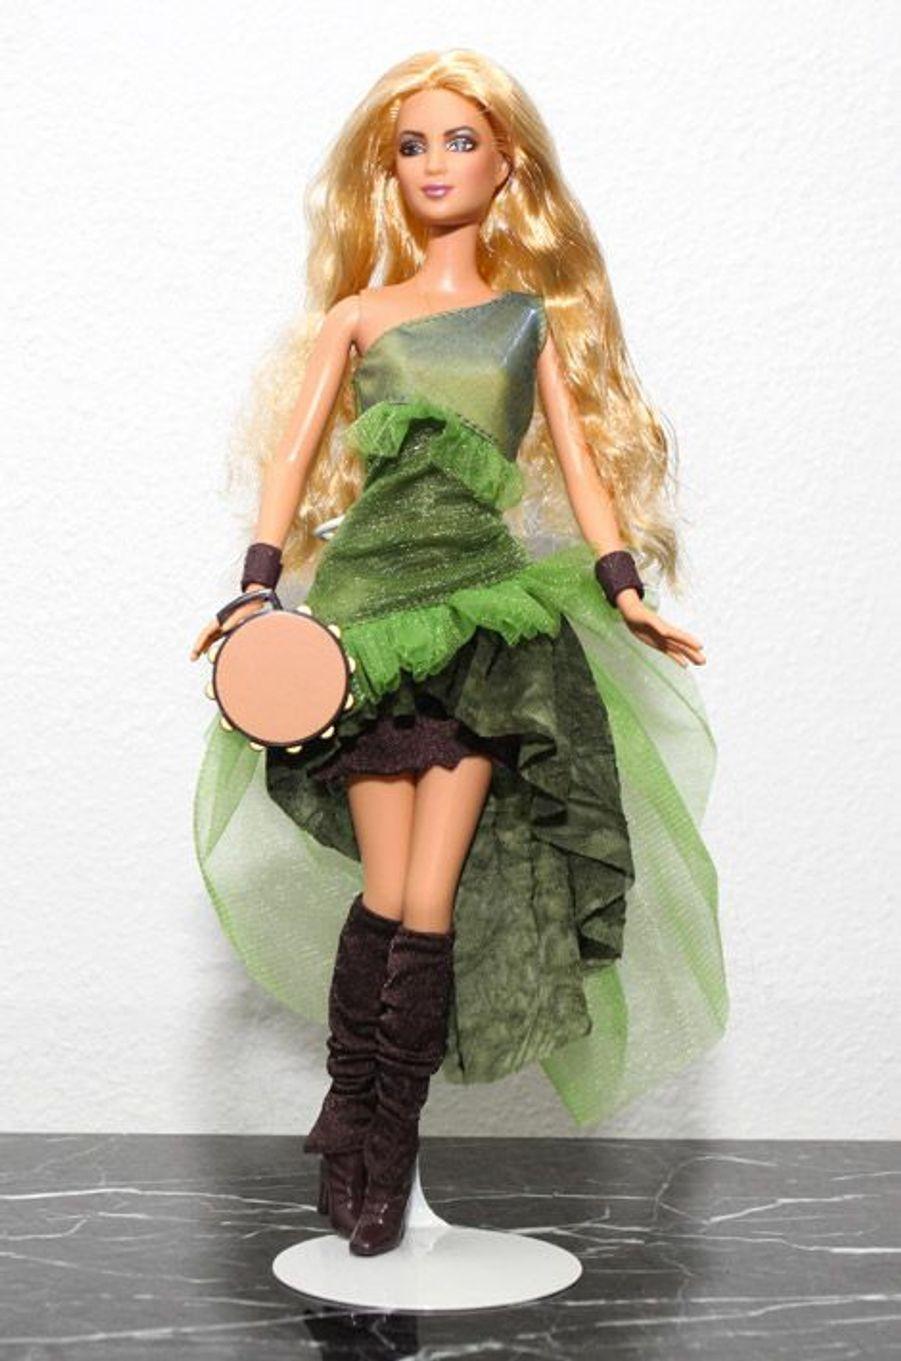 La Barbie à l'image de Shakira en 2003